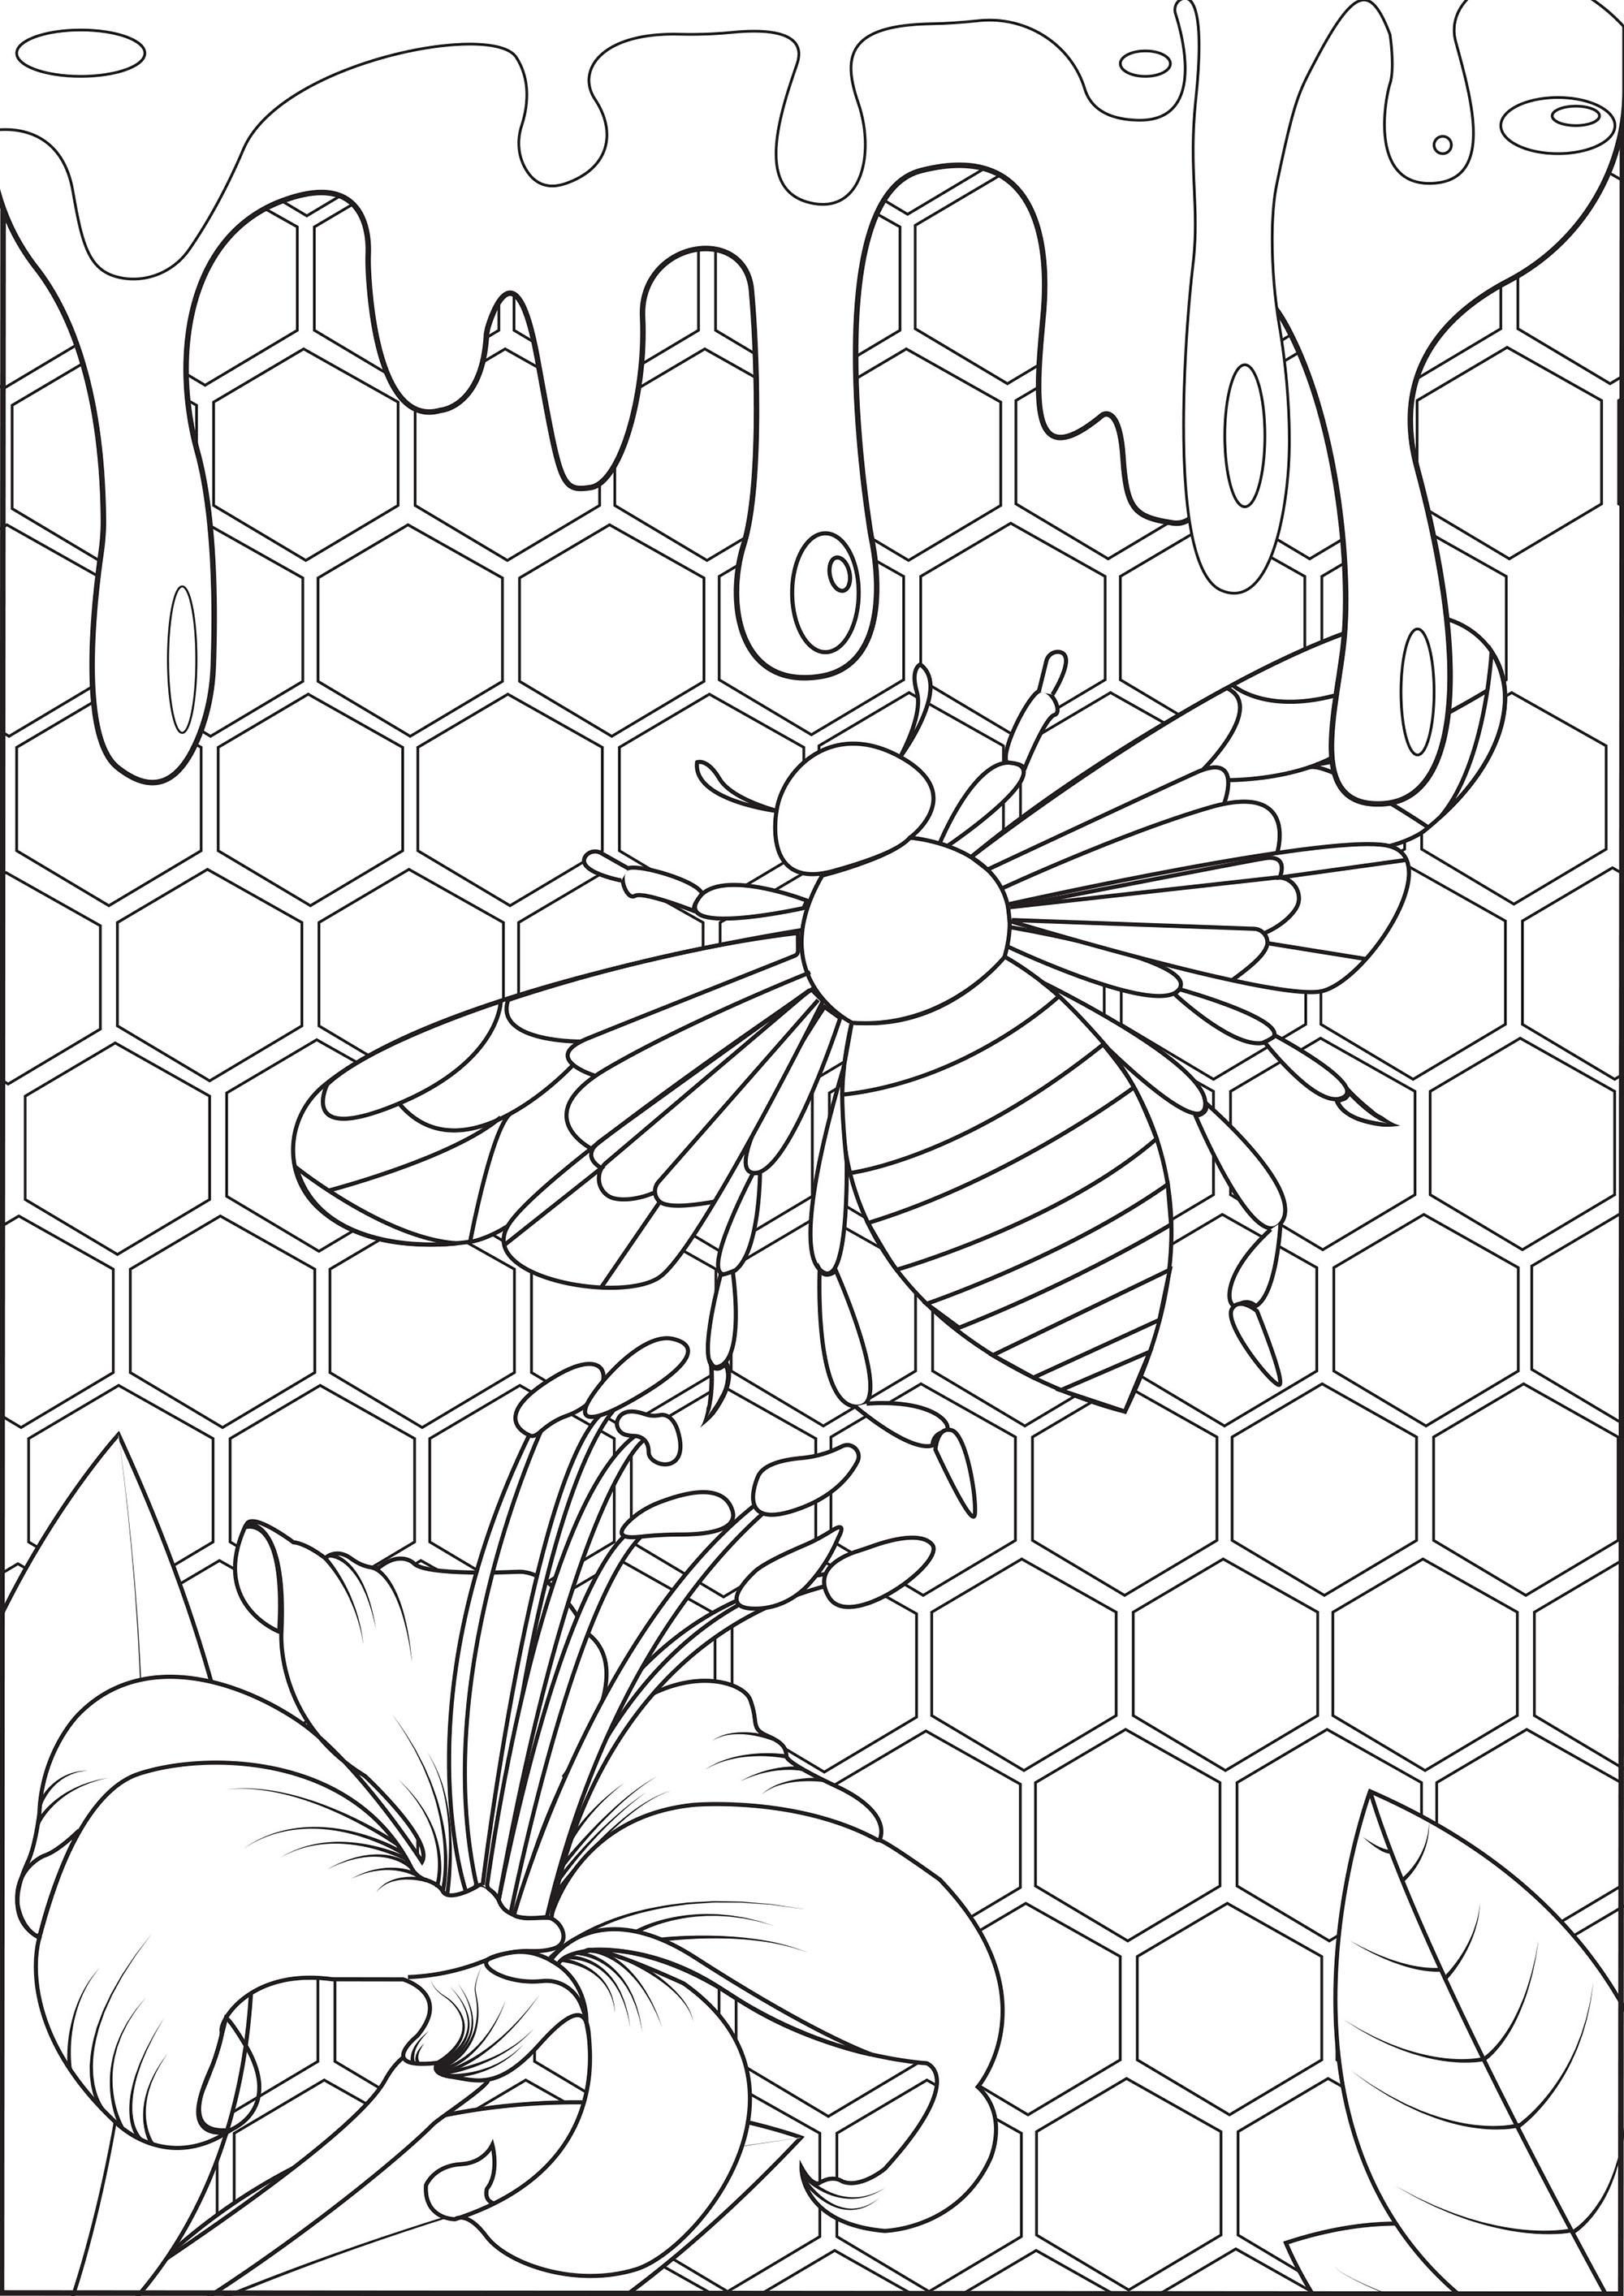 Plongez au coeur de la ruche et goutez au miel tout frais de cette abeille !